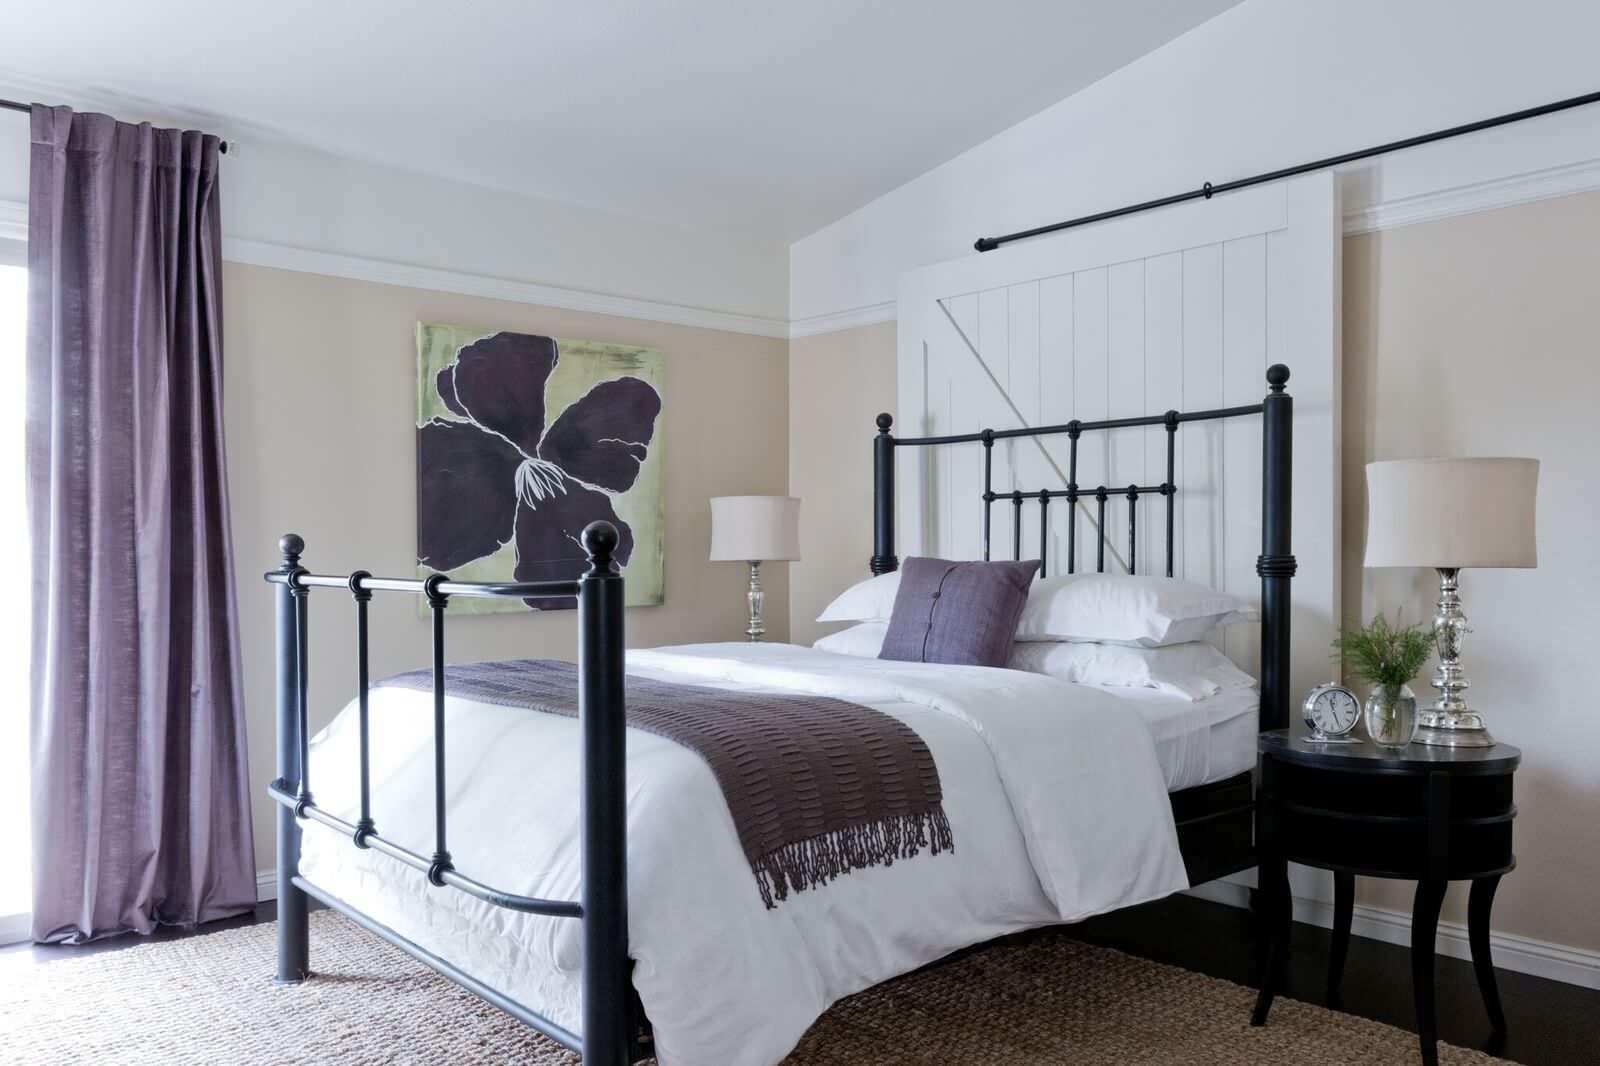 Bedroom Ensuite with Barn Door Headboard